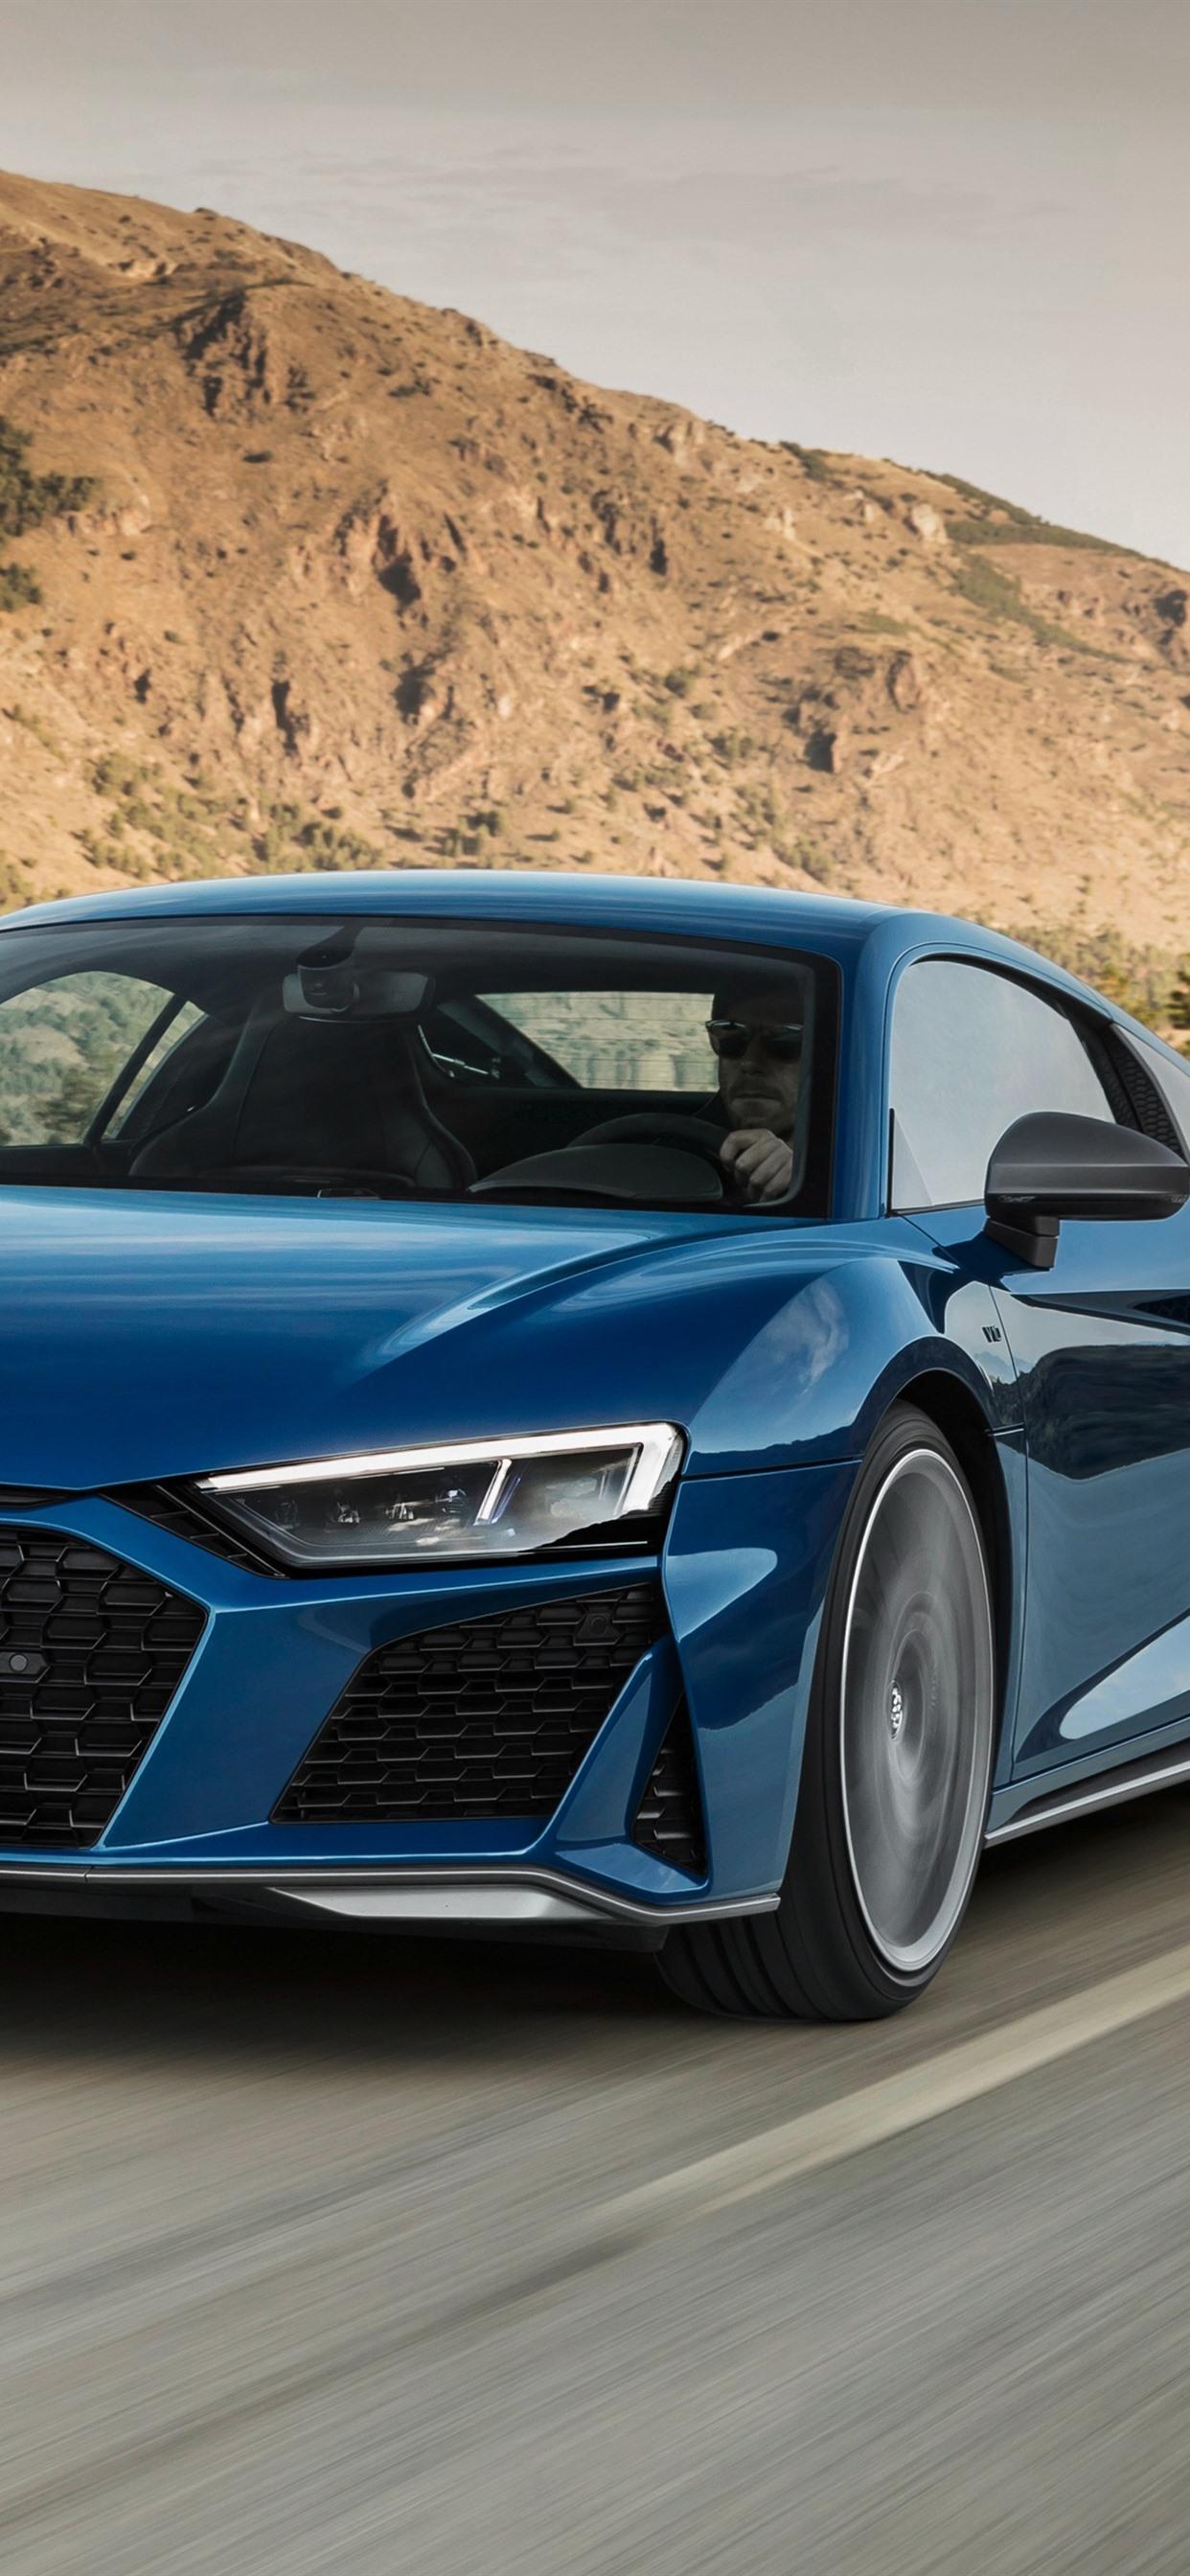 Audi R8 2019 Blue Car Speed 1242x2688 Iphone Xs Max Wallpaper